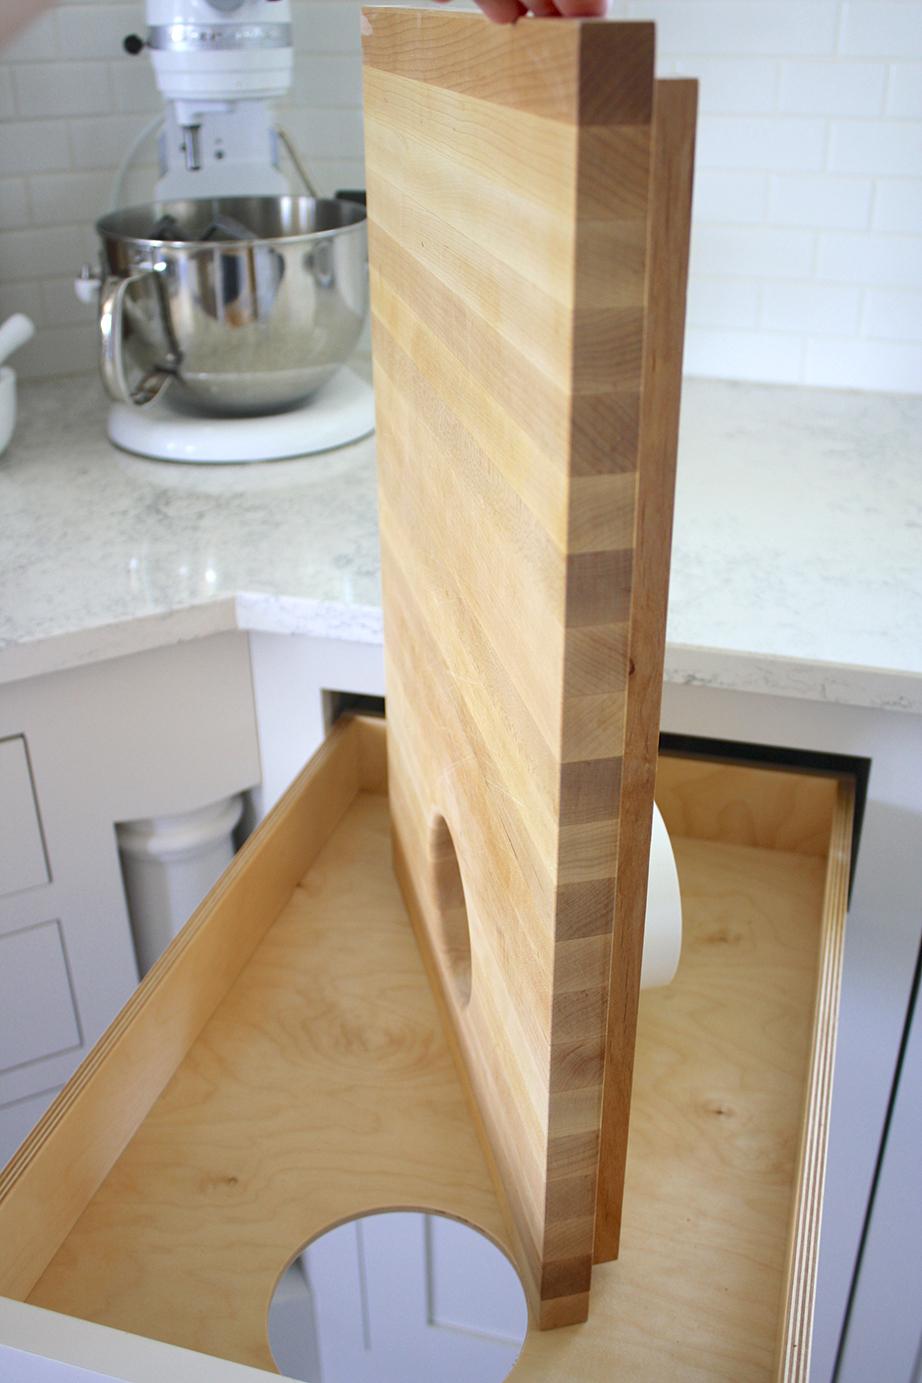 Το μασίφ κομμάτι θα πρέπει να είναι ίσο με το συρτάρι και τα δύο ανοίγματα να ευθυγραμμίζονται μεταξύ τους.